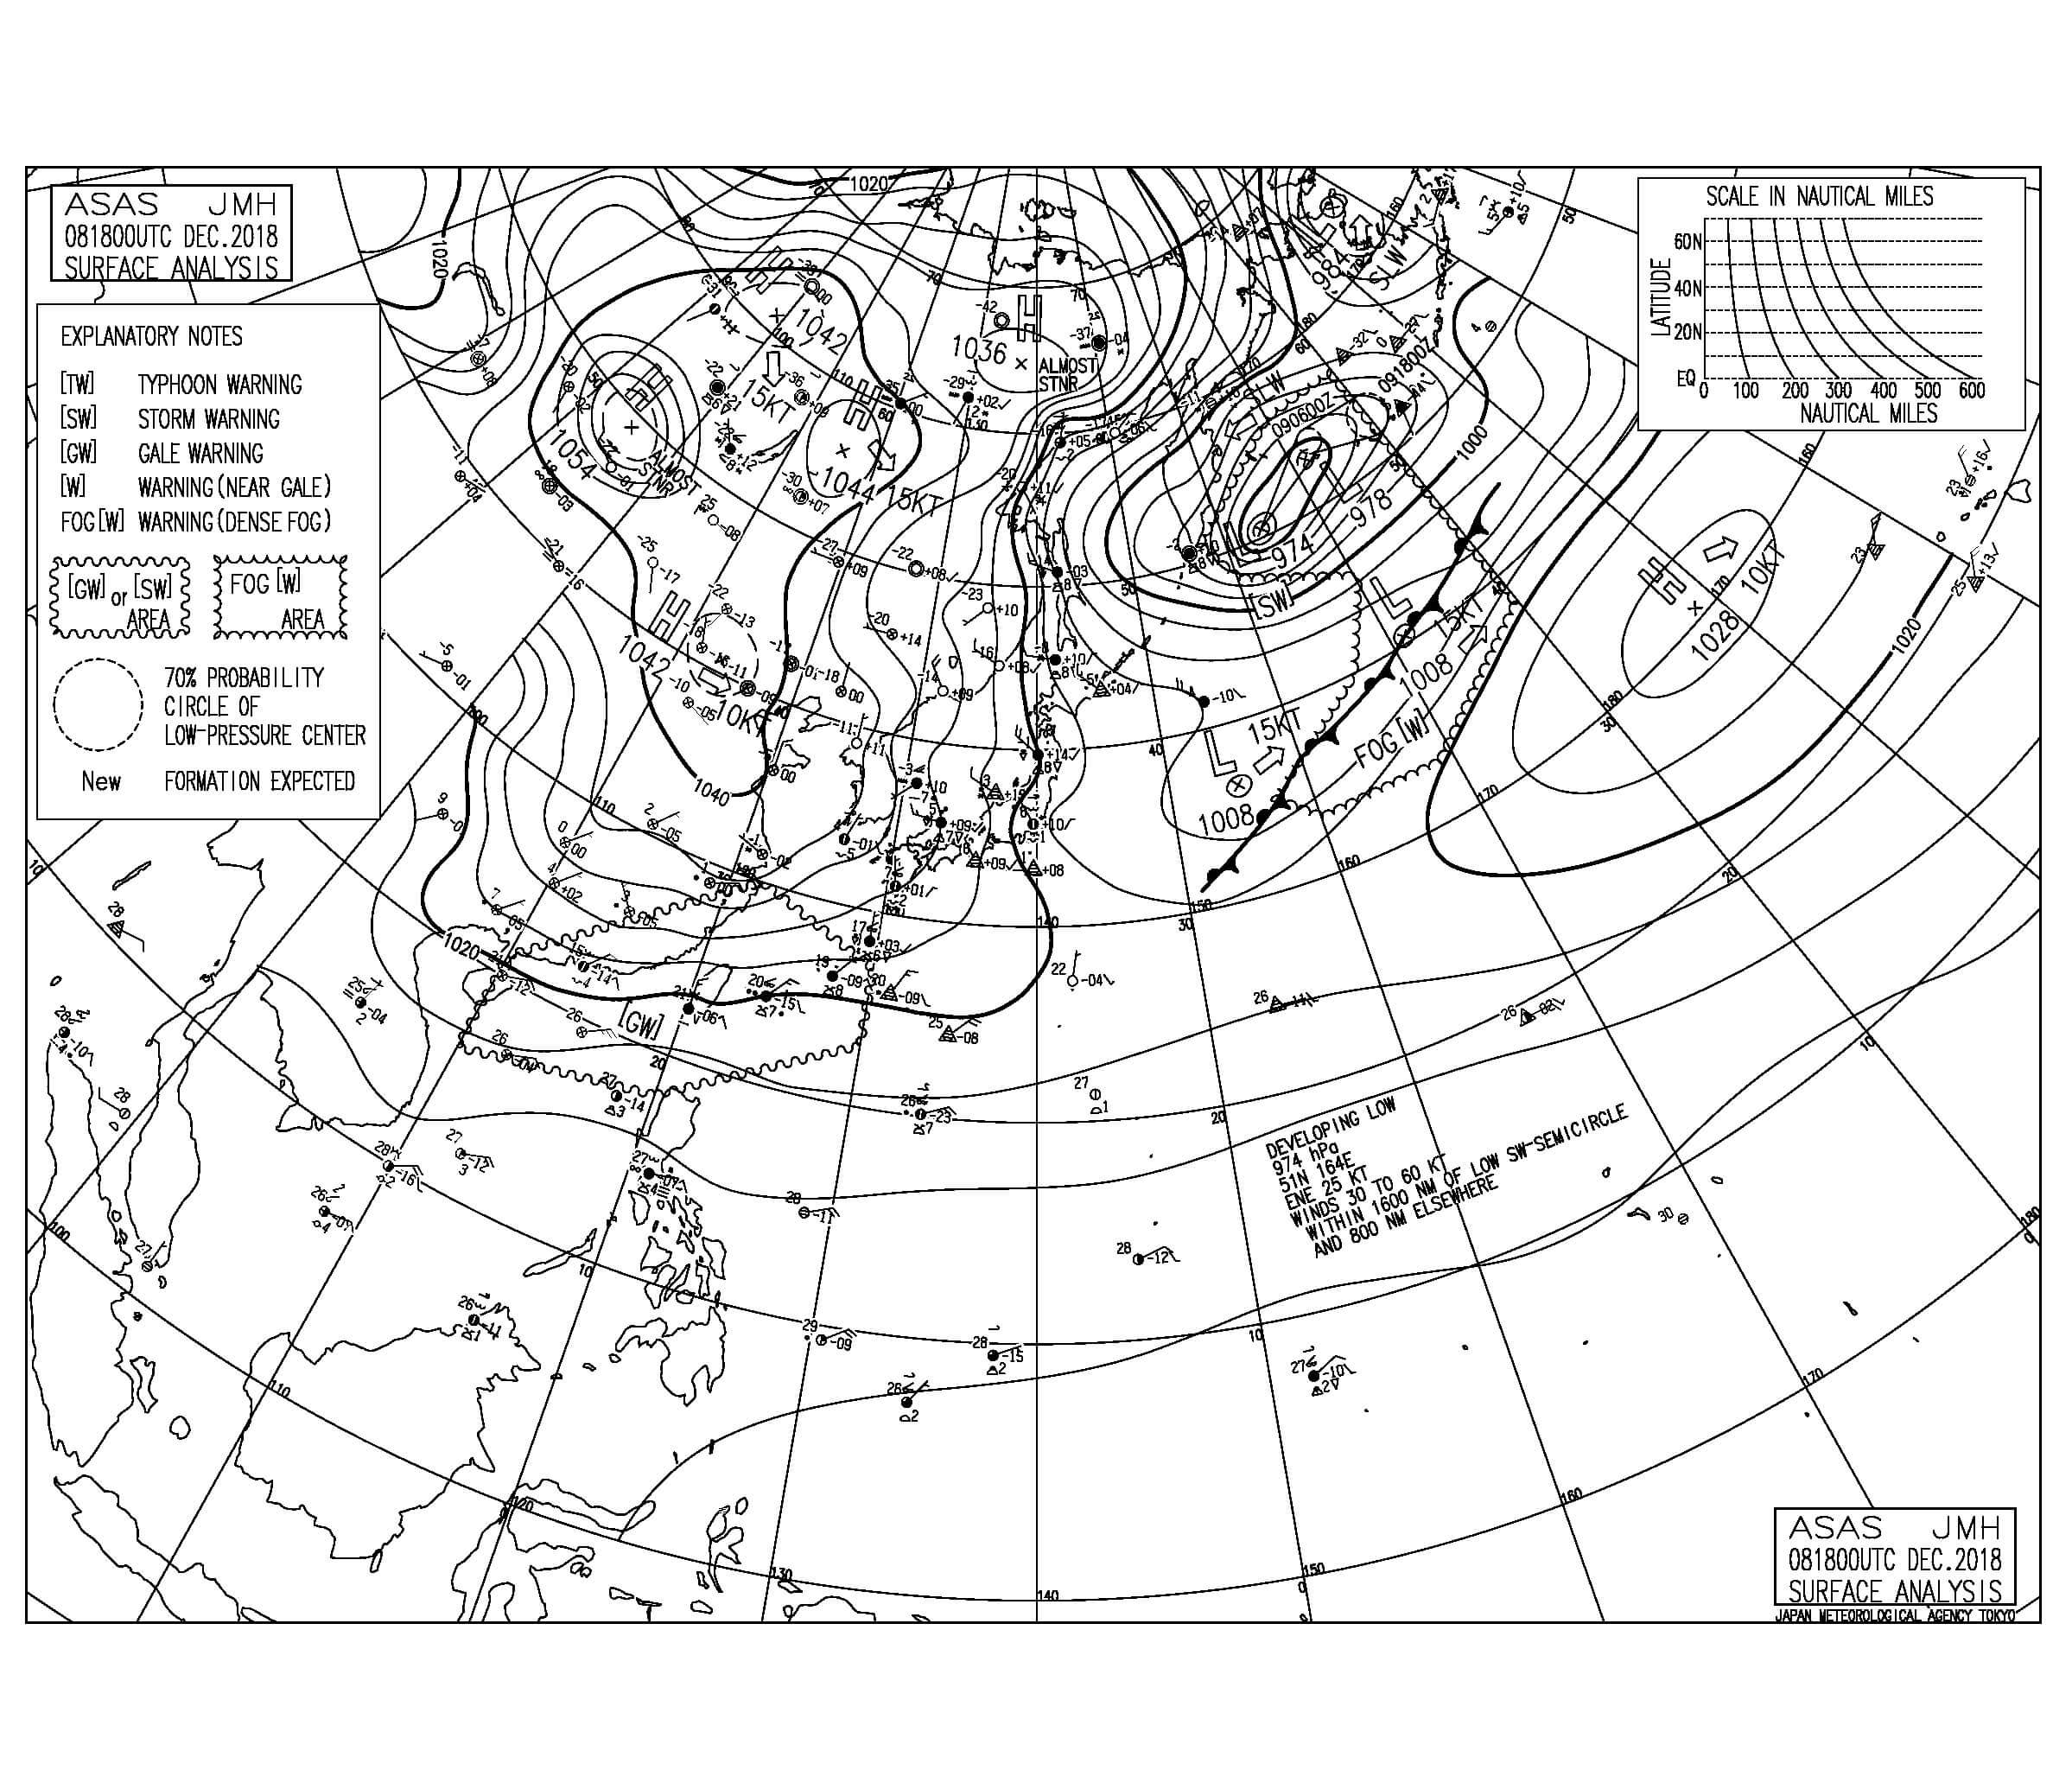 冬型の気圧配置が続き今朝も西うねりに反応して遊べるサイズをキープ、早めに入っておいた方が良さそう(181209)